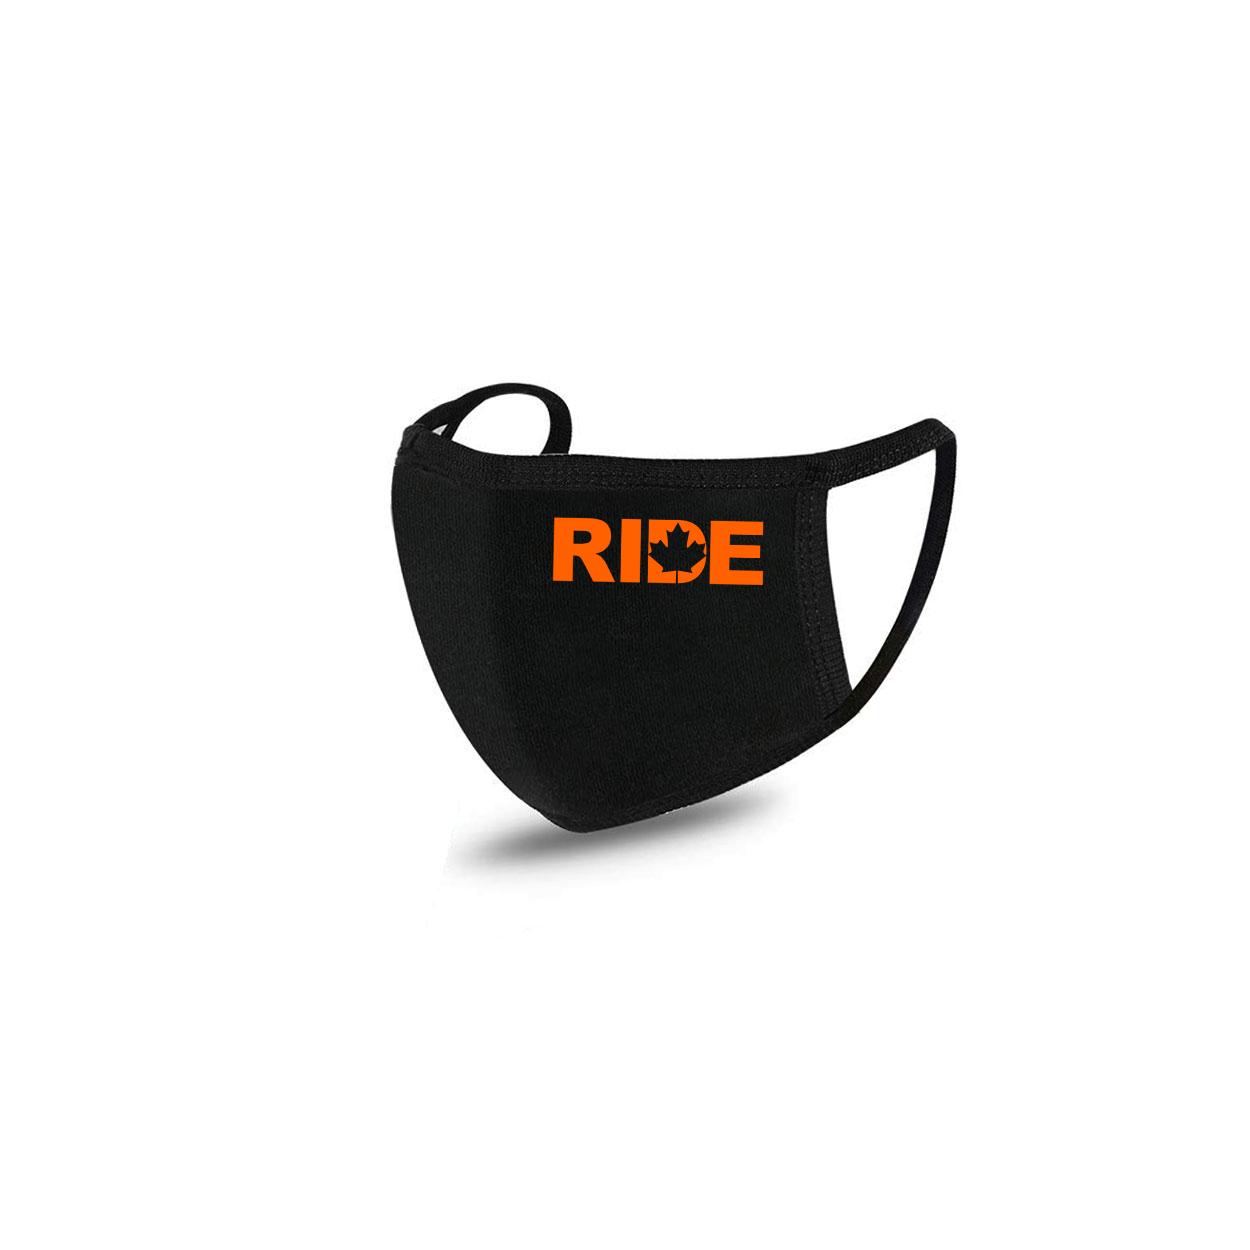 Ride Canada Standard Washable Face Mask Black (Orange Logo)